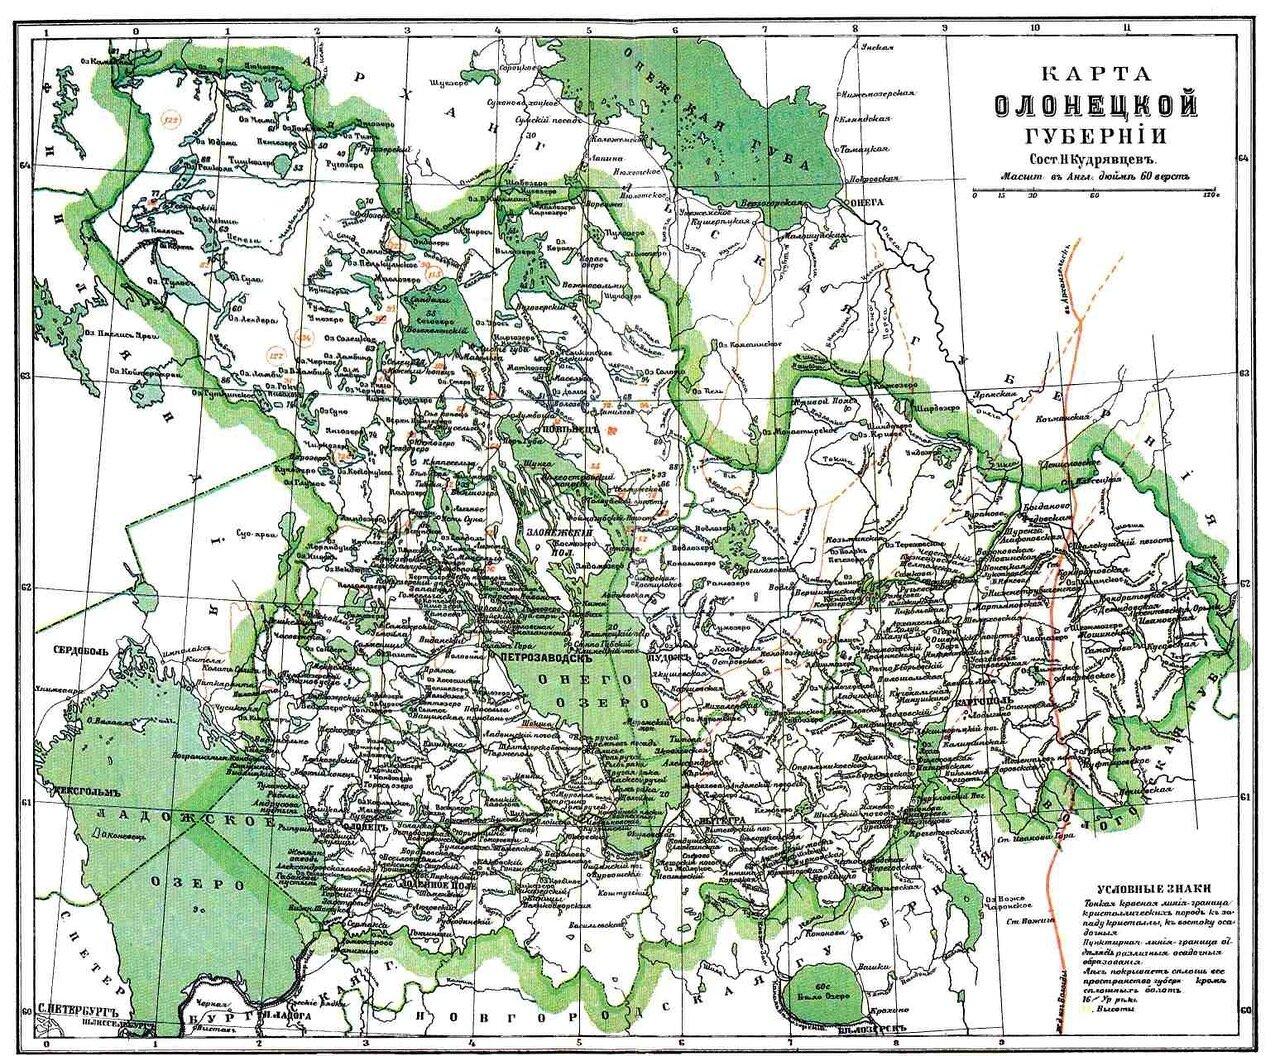 Карта Олонецкой губернии